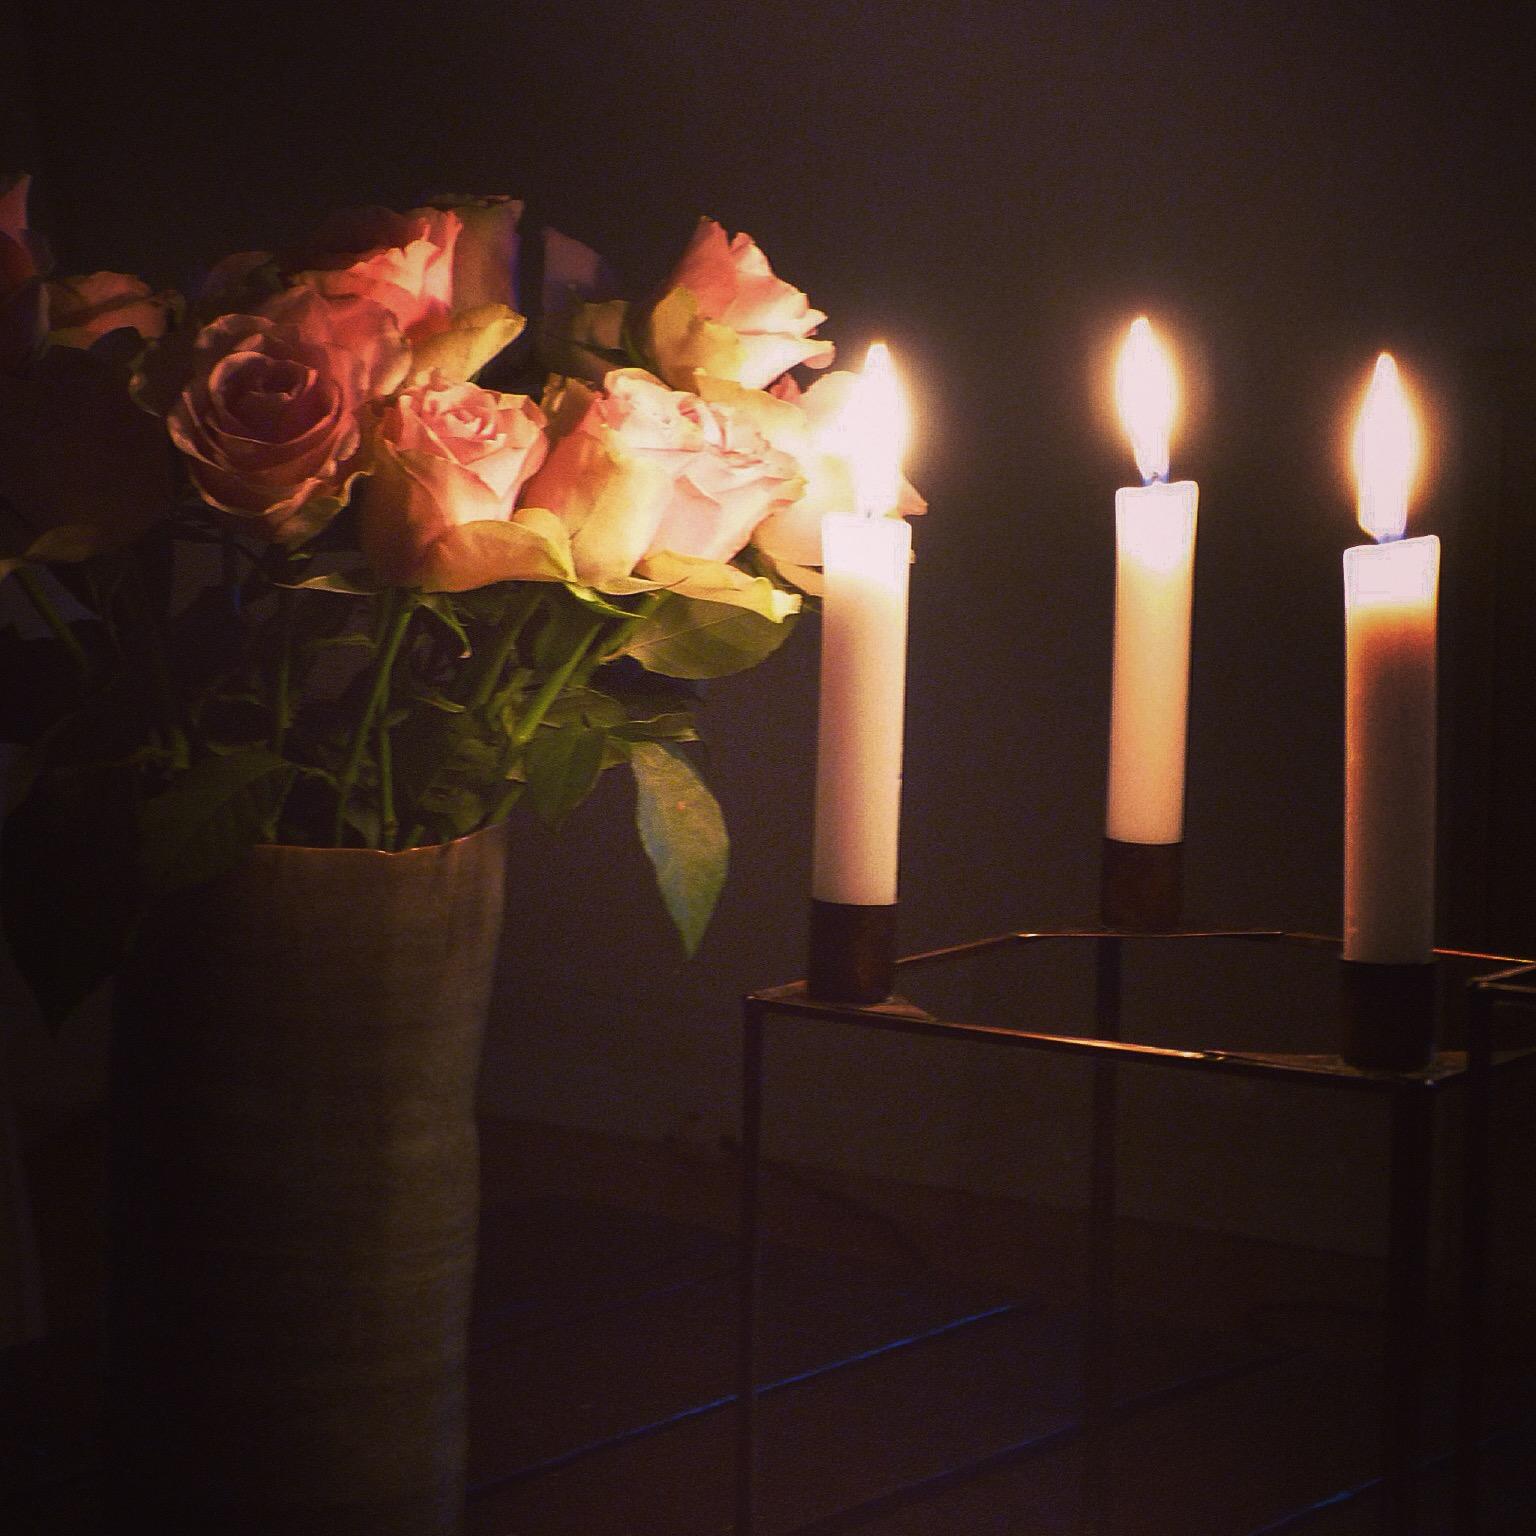 Rosen Kerzenlicht